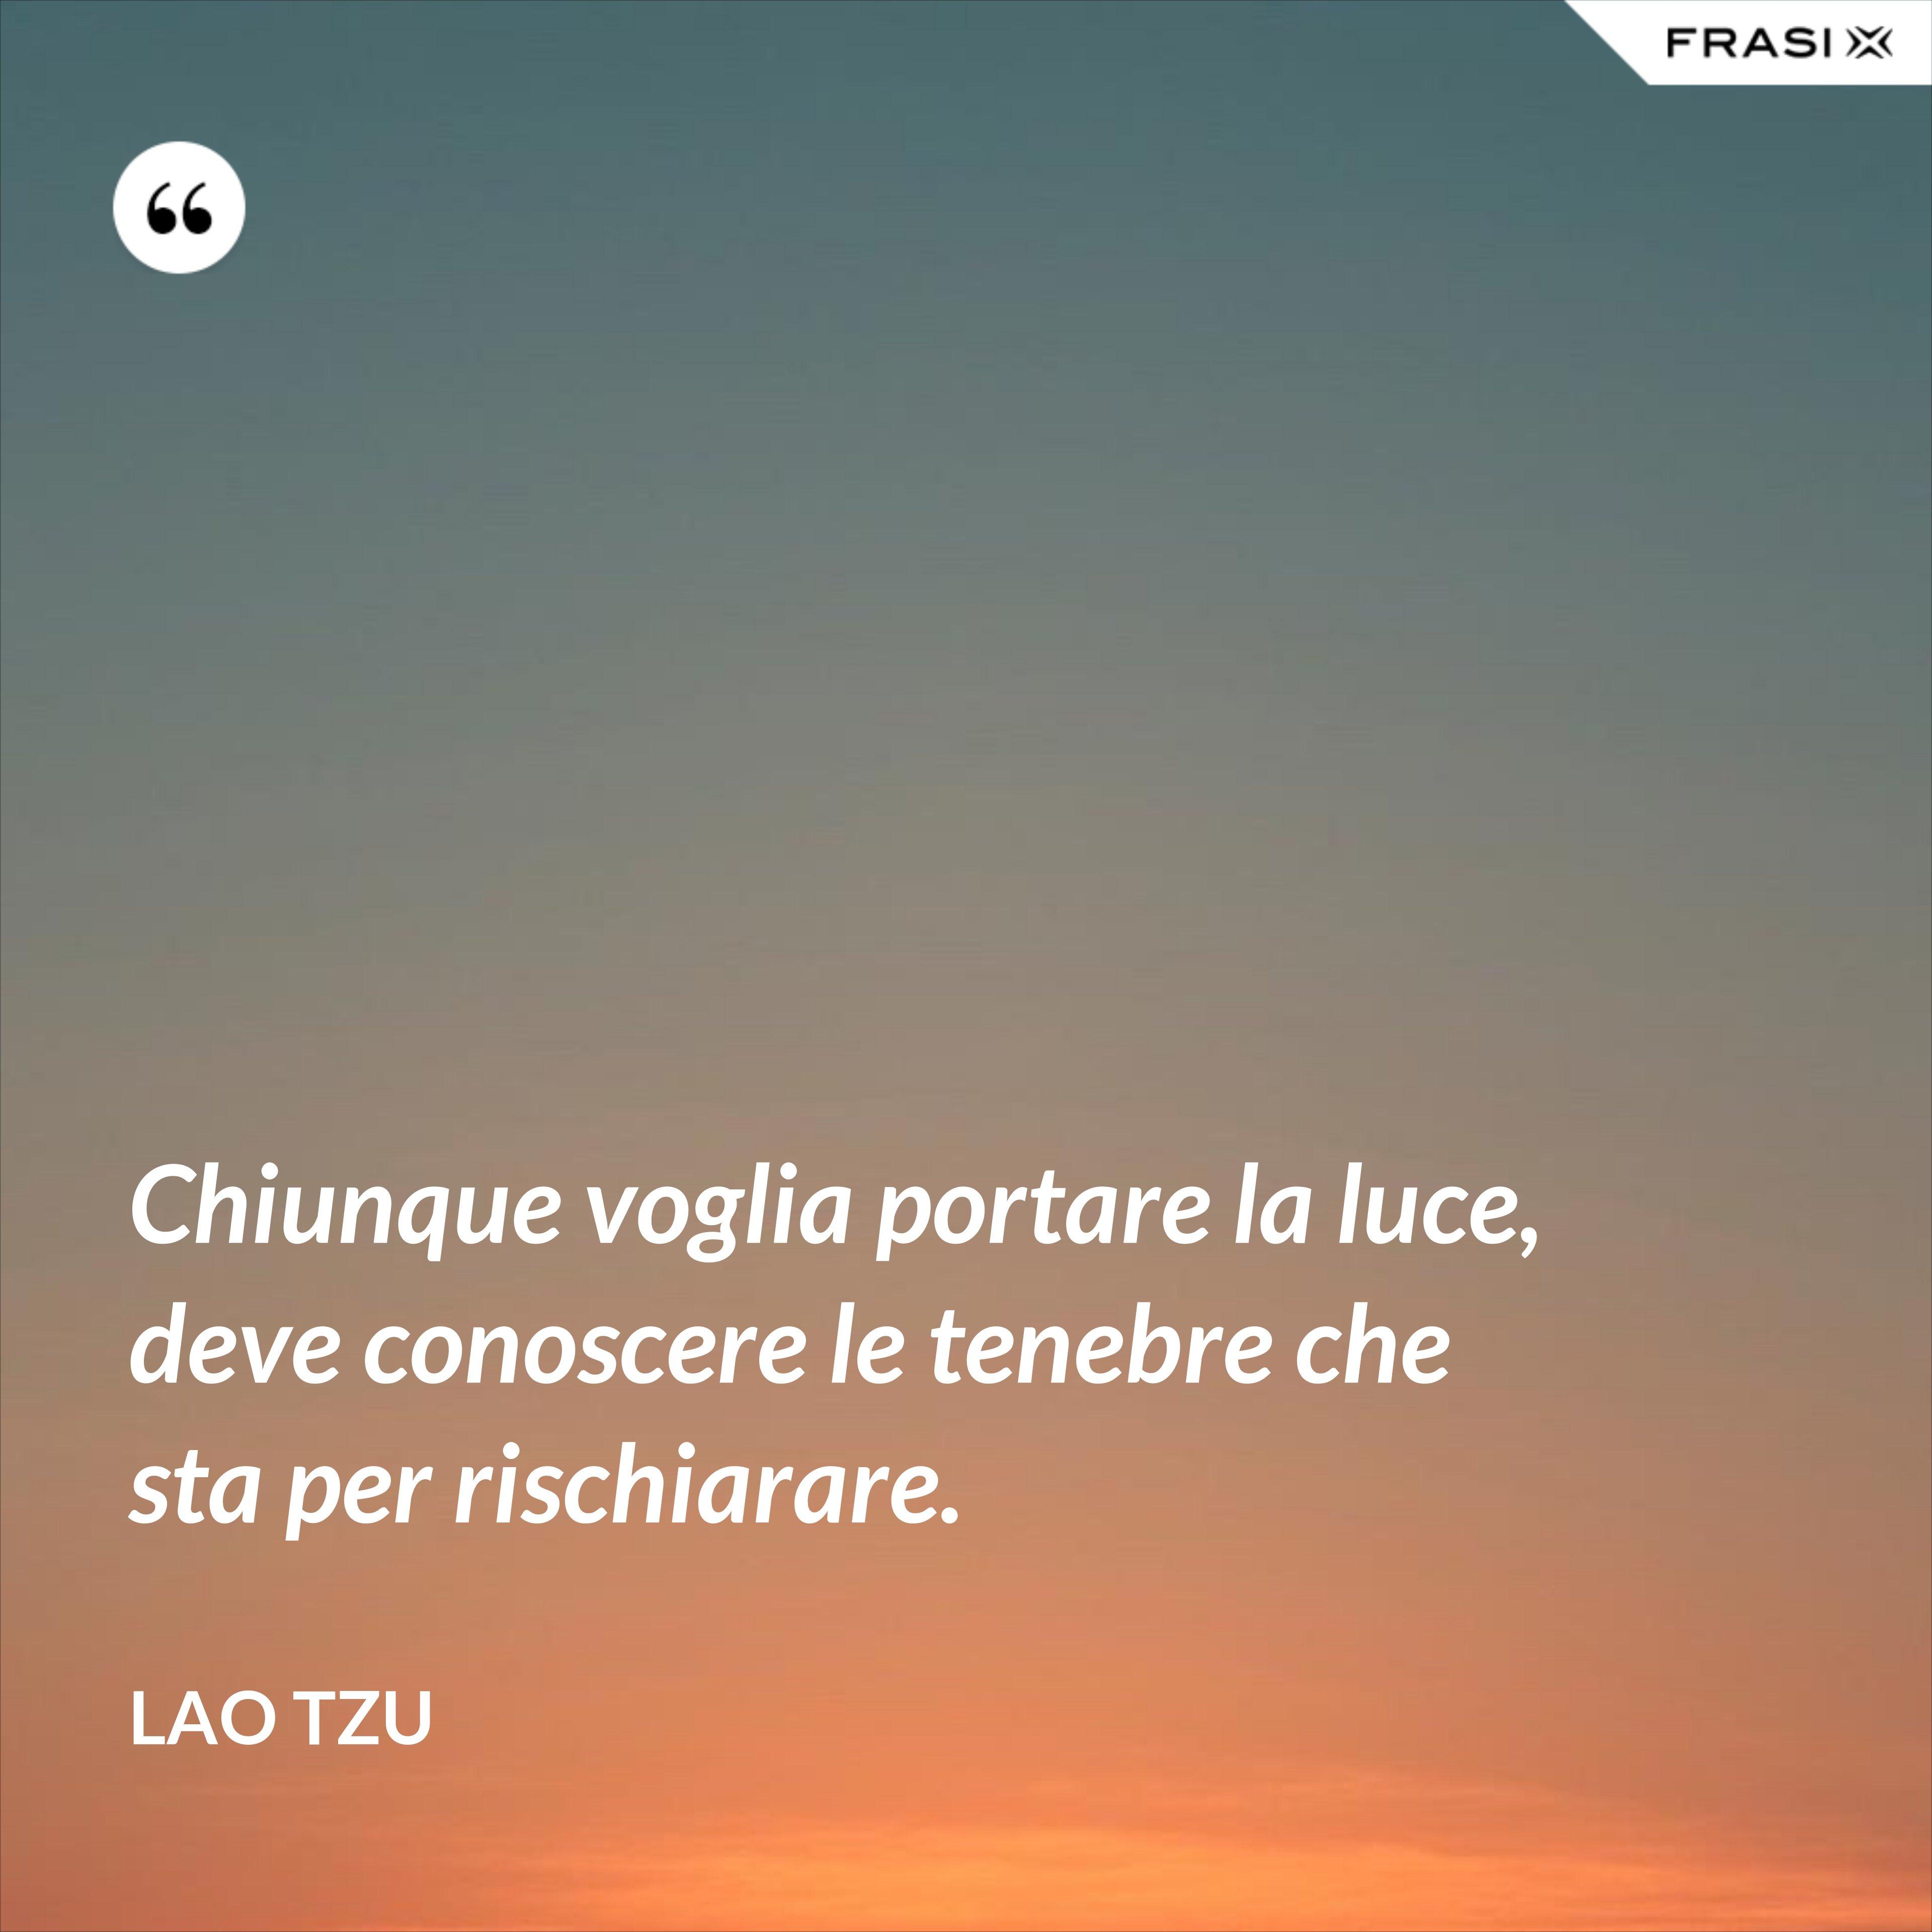 Chiunque voglia portare la luce, deve conoscere le tenebre che sta per rischiarare. - Lao Tzu